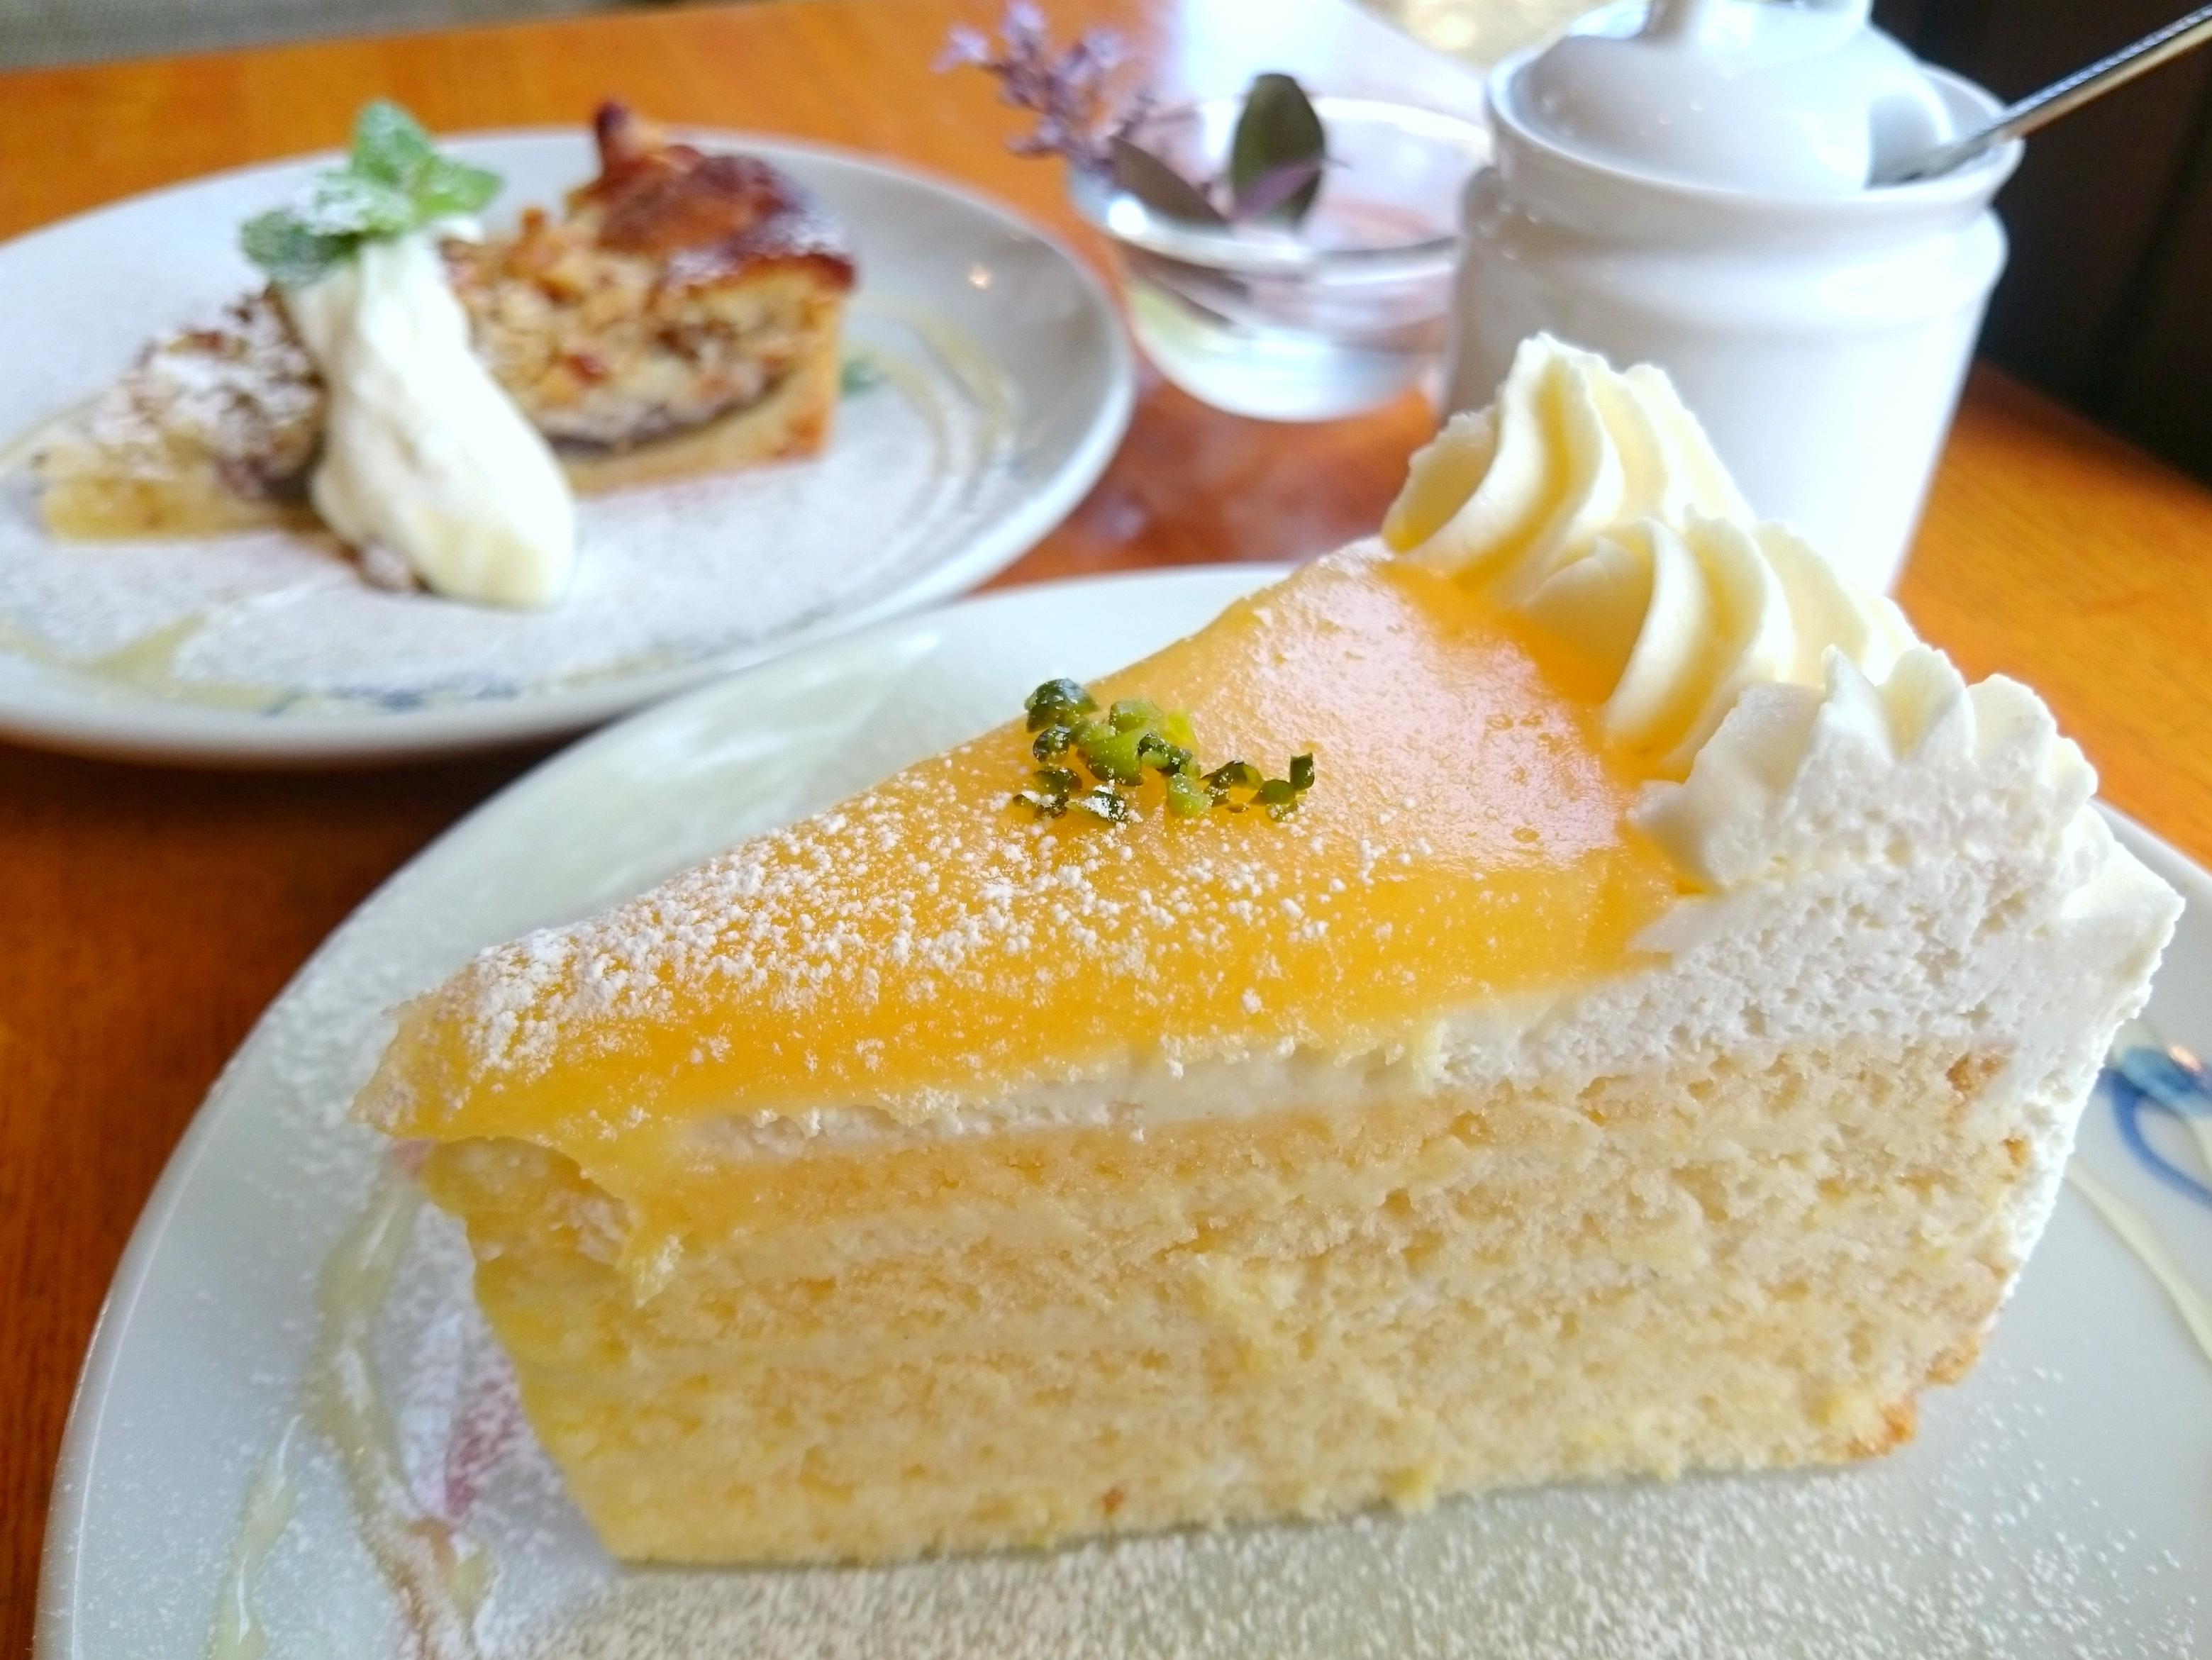 ケーキが美味しいカフェといえばココ! 八万町の『Cafe de Ruban』